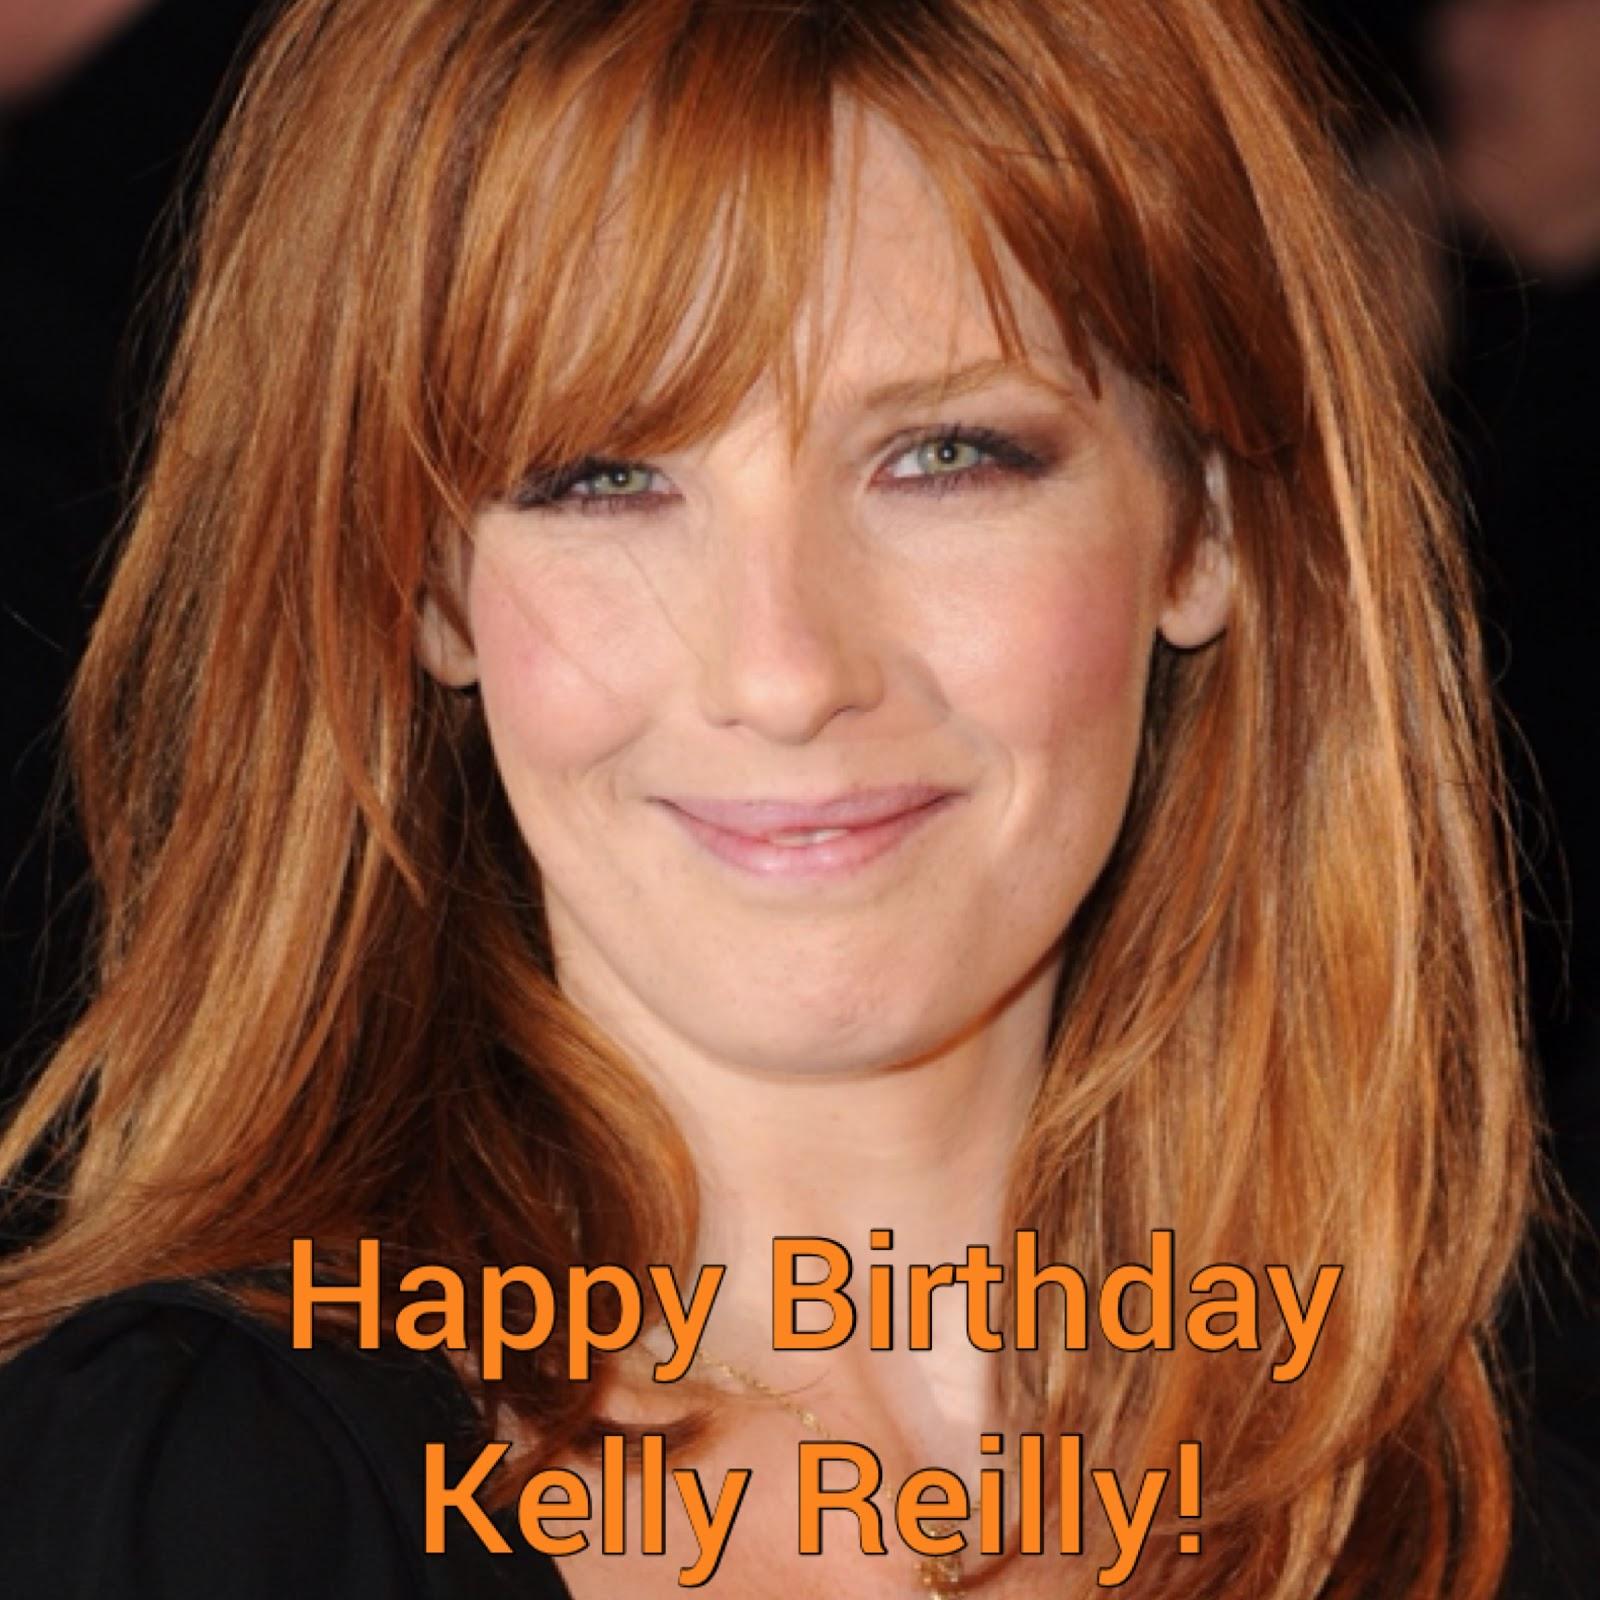 Happy Birthday Kelly Reilly